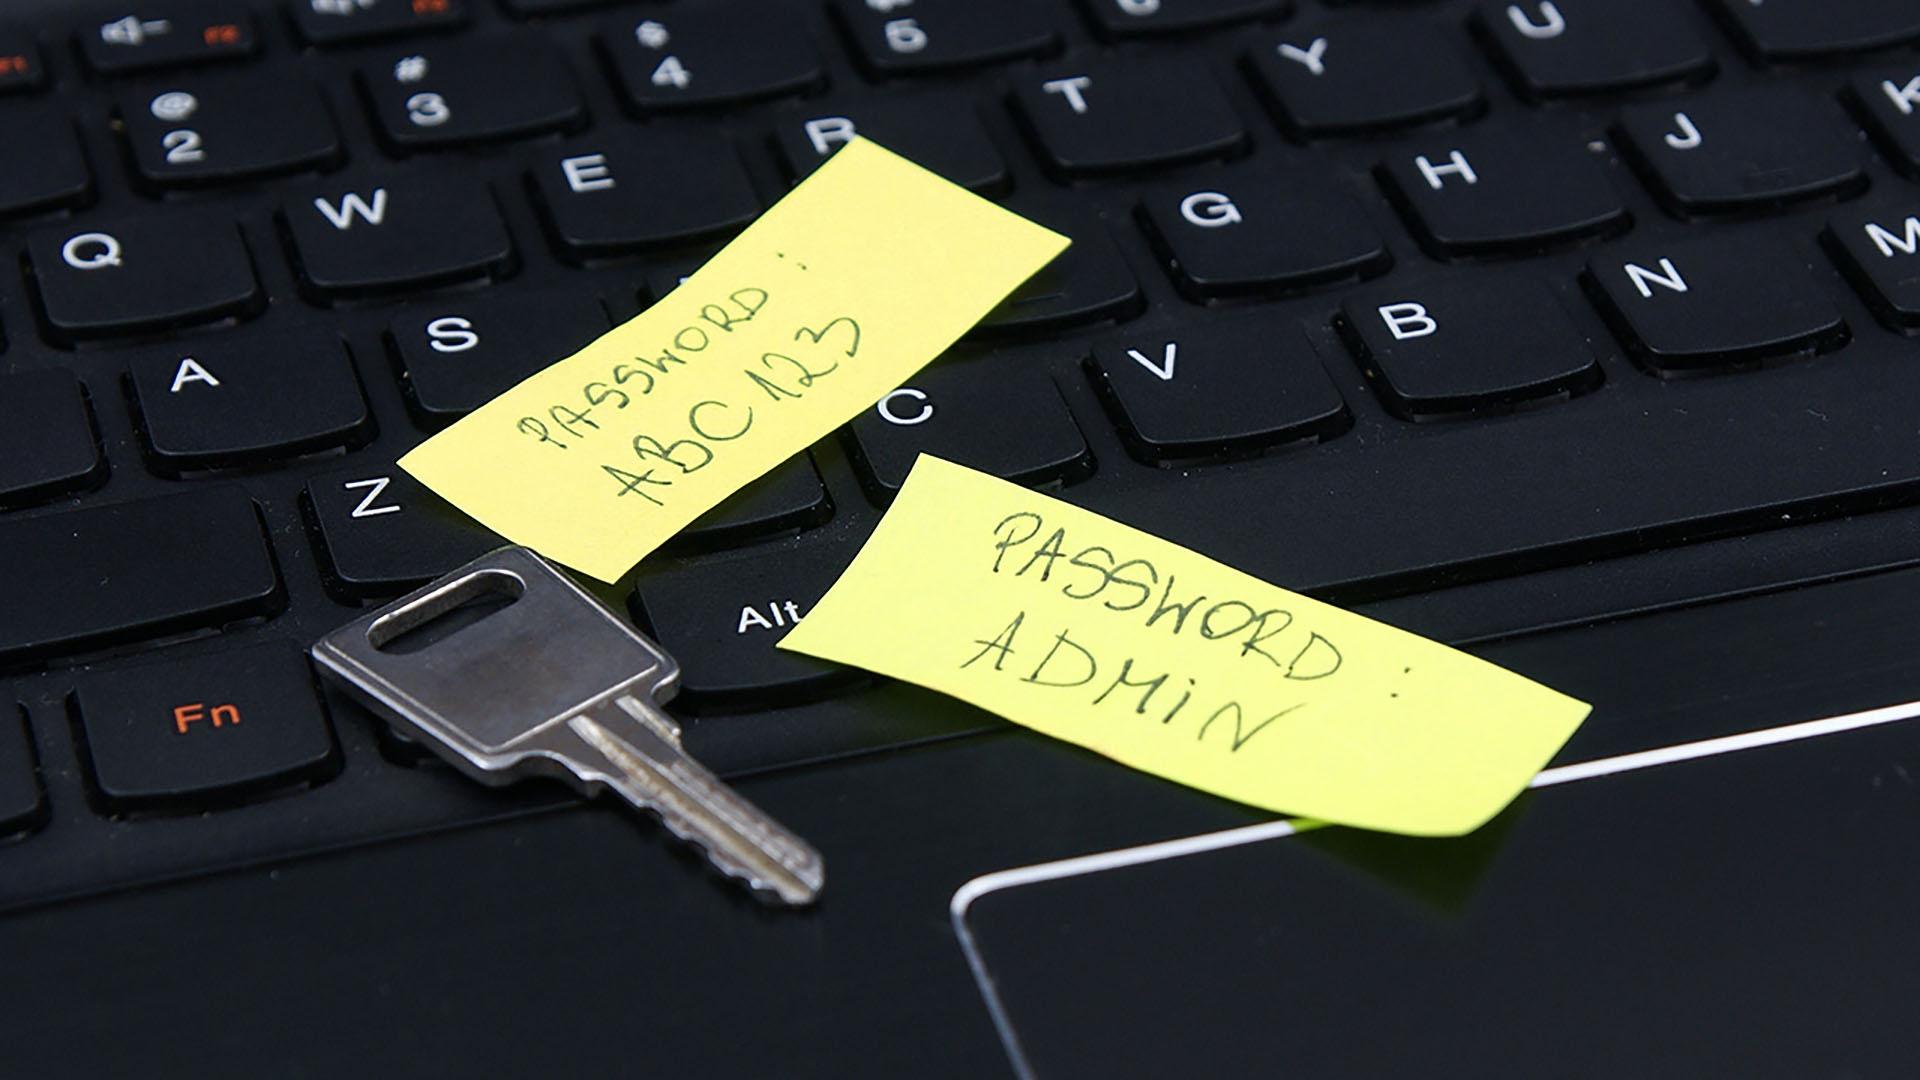 Vous voulez créer un bon mot de passe ? La Cnil vous explique comment faire